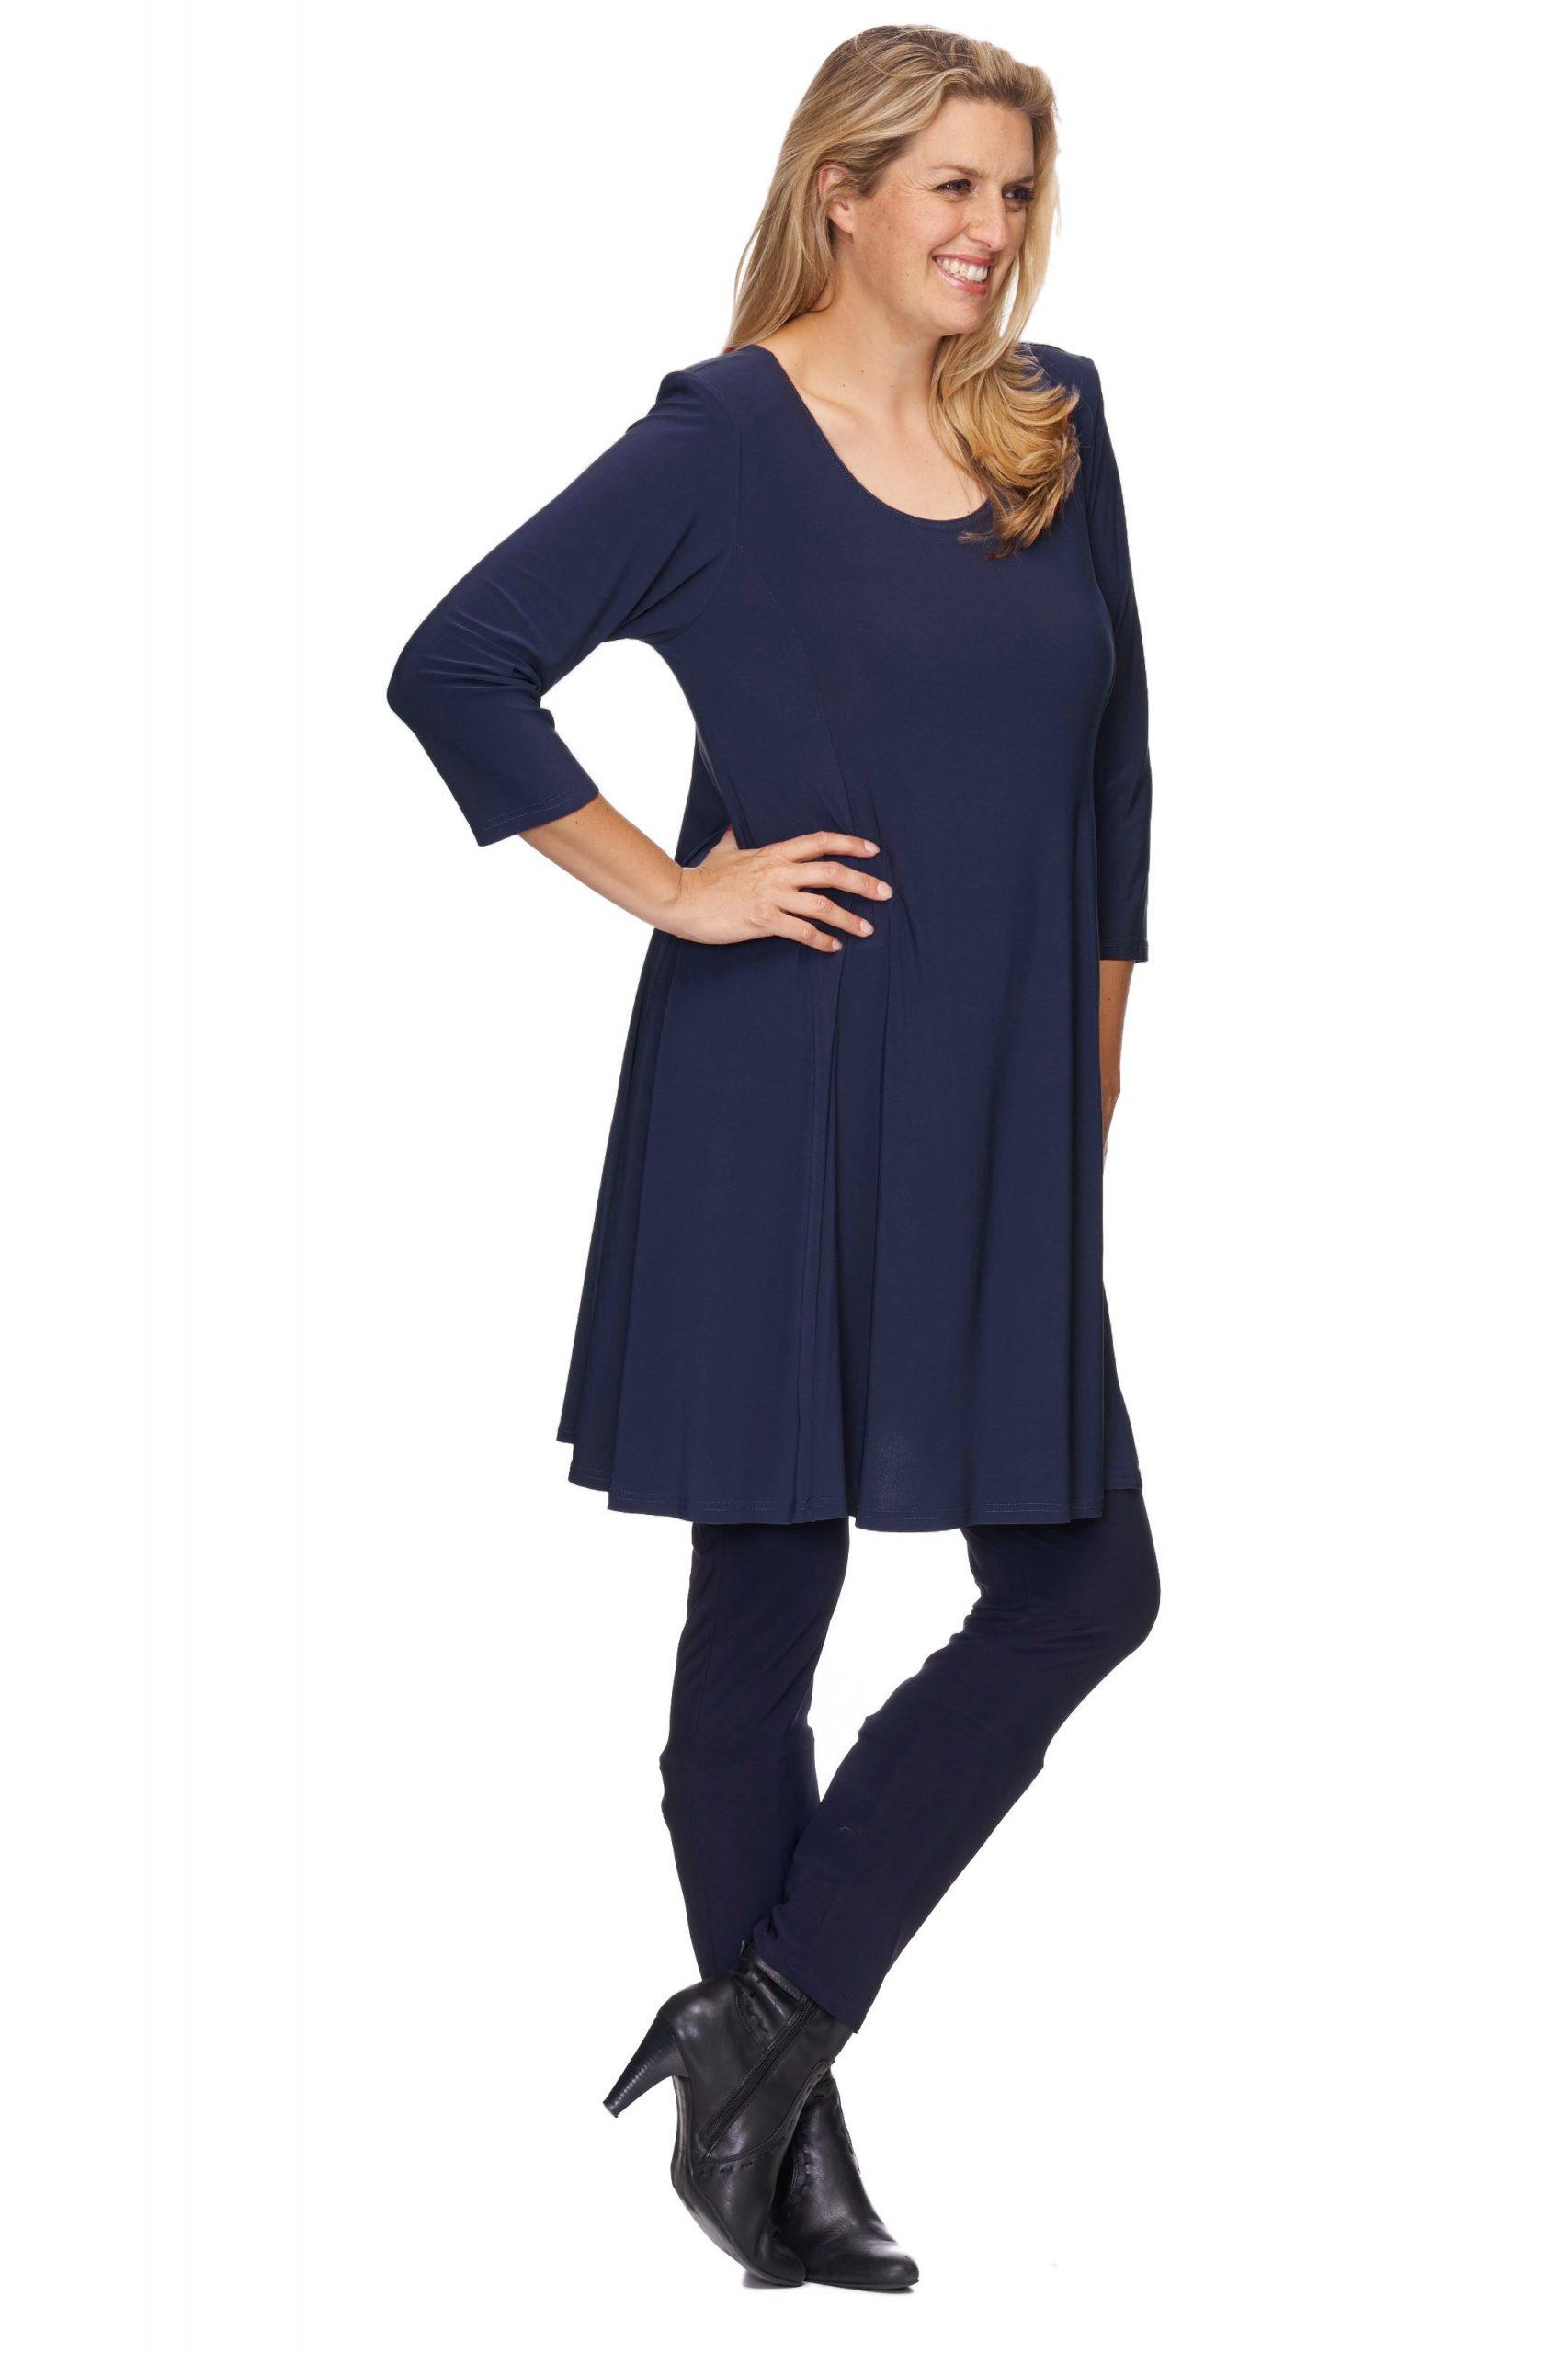 Stilvolles Magna Damen Tunika Kleid Rundhalsausschnitt